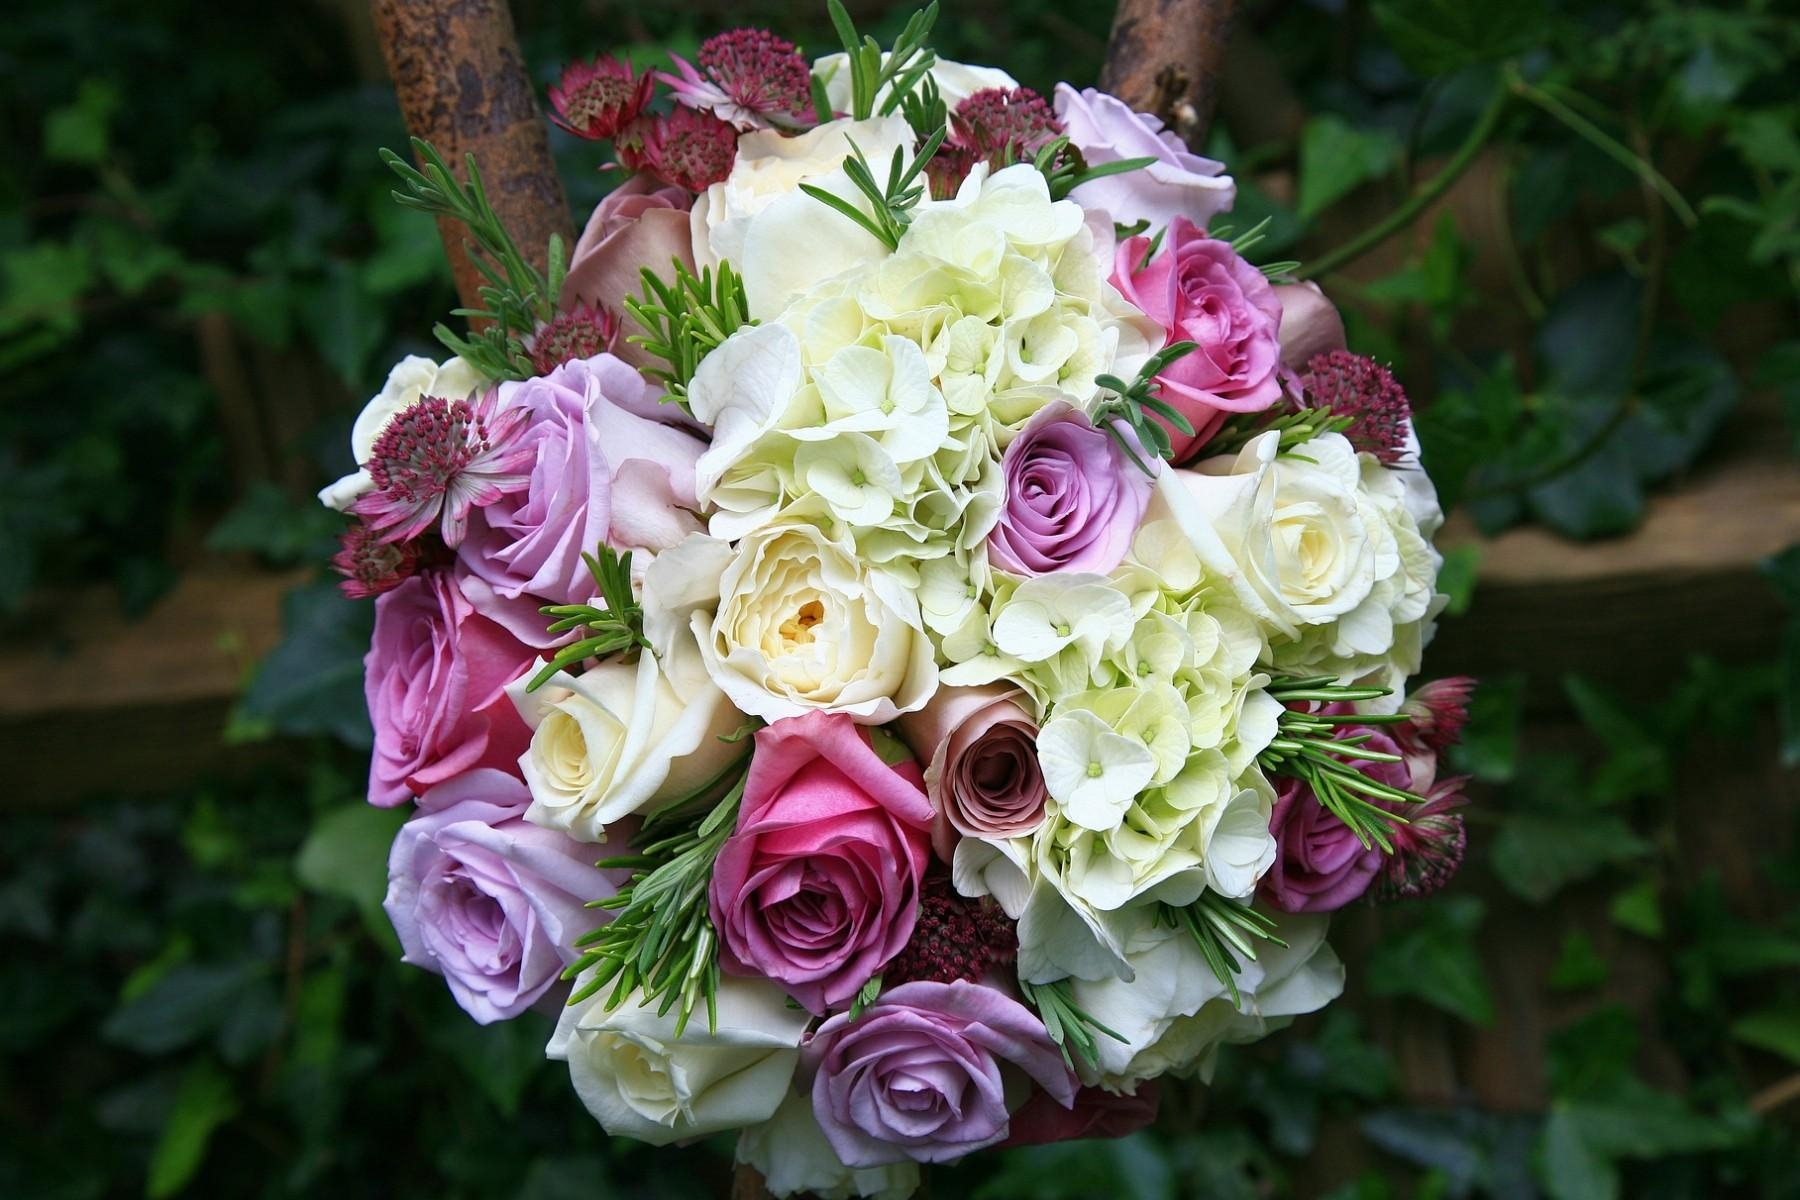 102079 descargar fondo de pantalla Roses, Flores, Ramo, Nitidez, Agudeza, Hortensias, Astrantia, Astration: protectores de pantalla e imágenes gratis